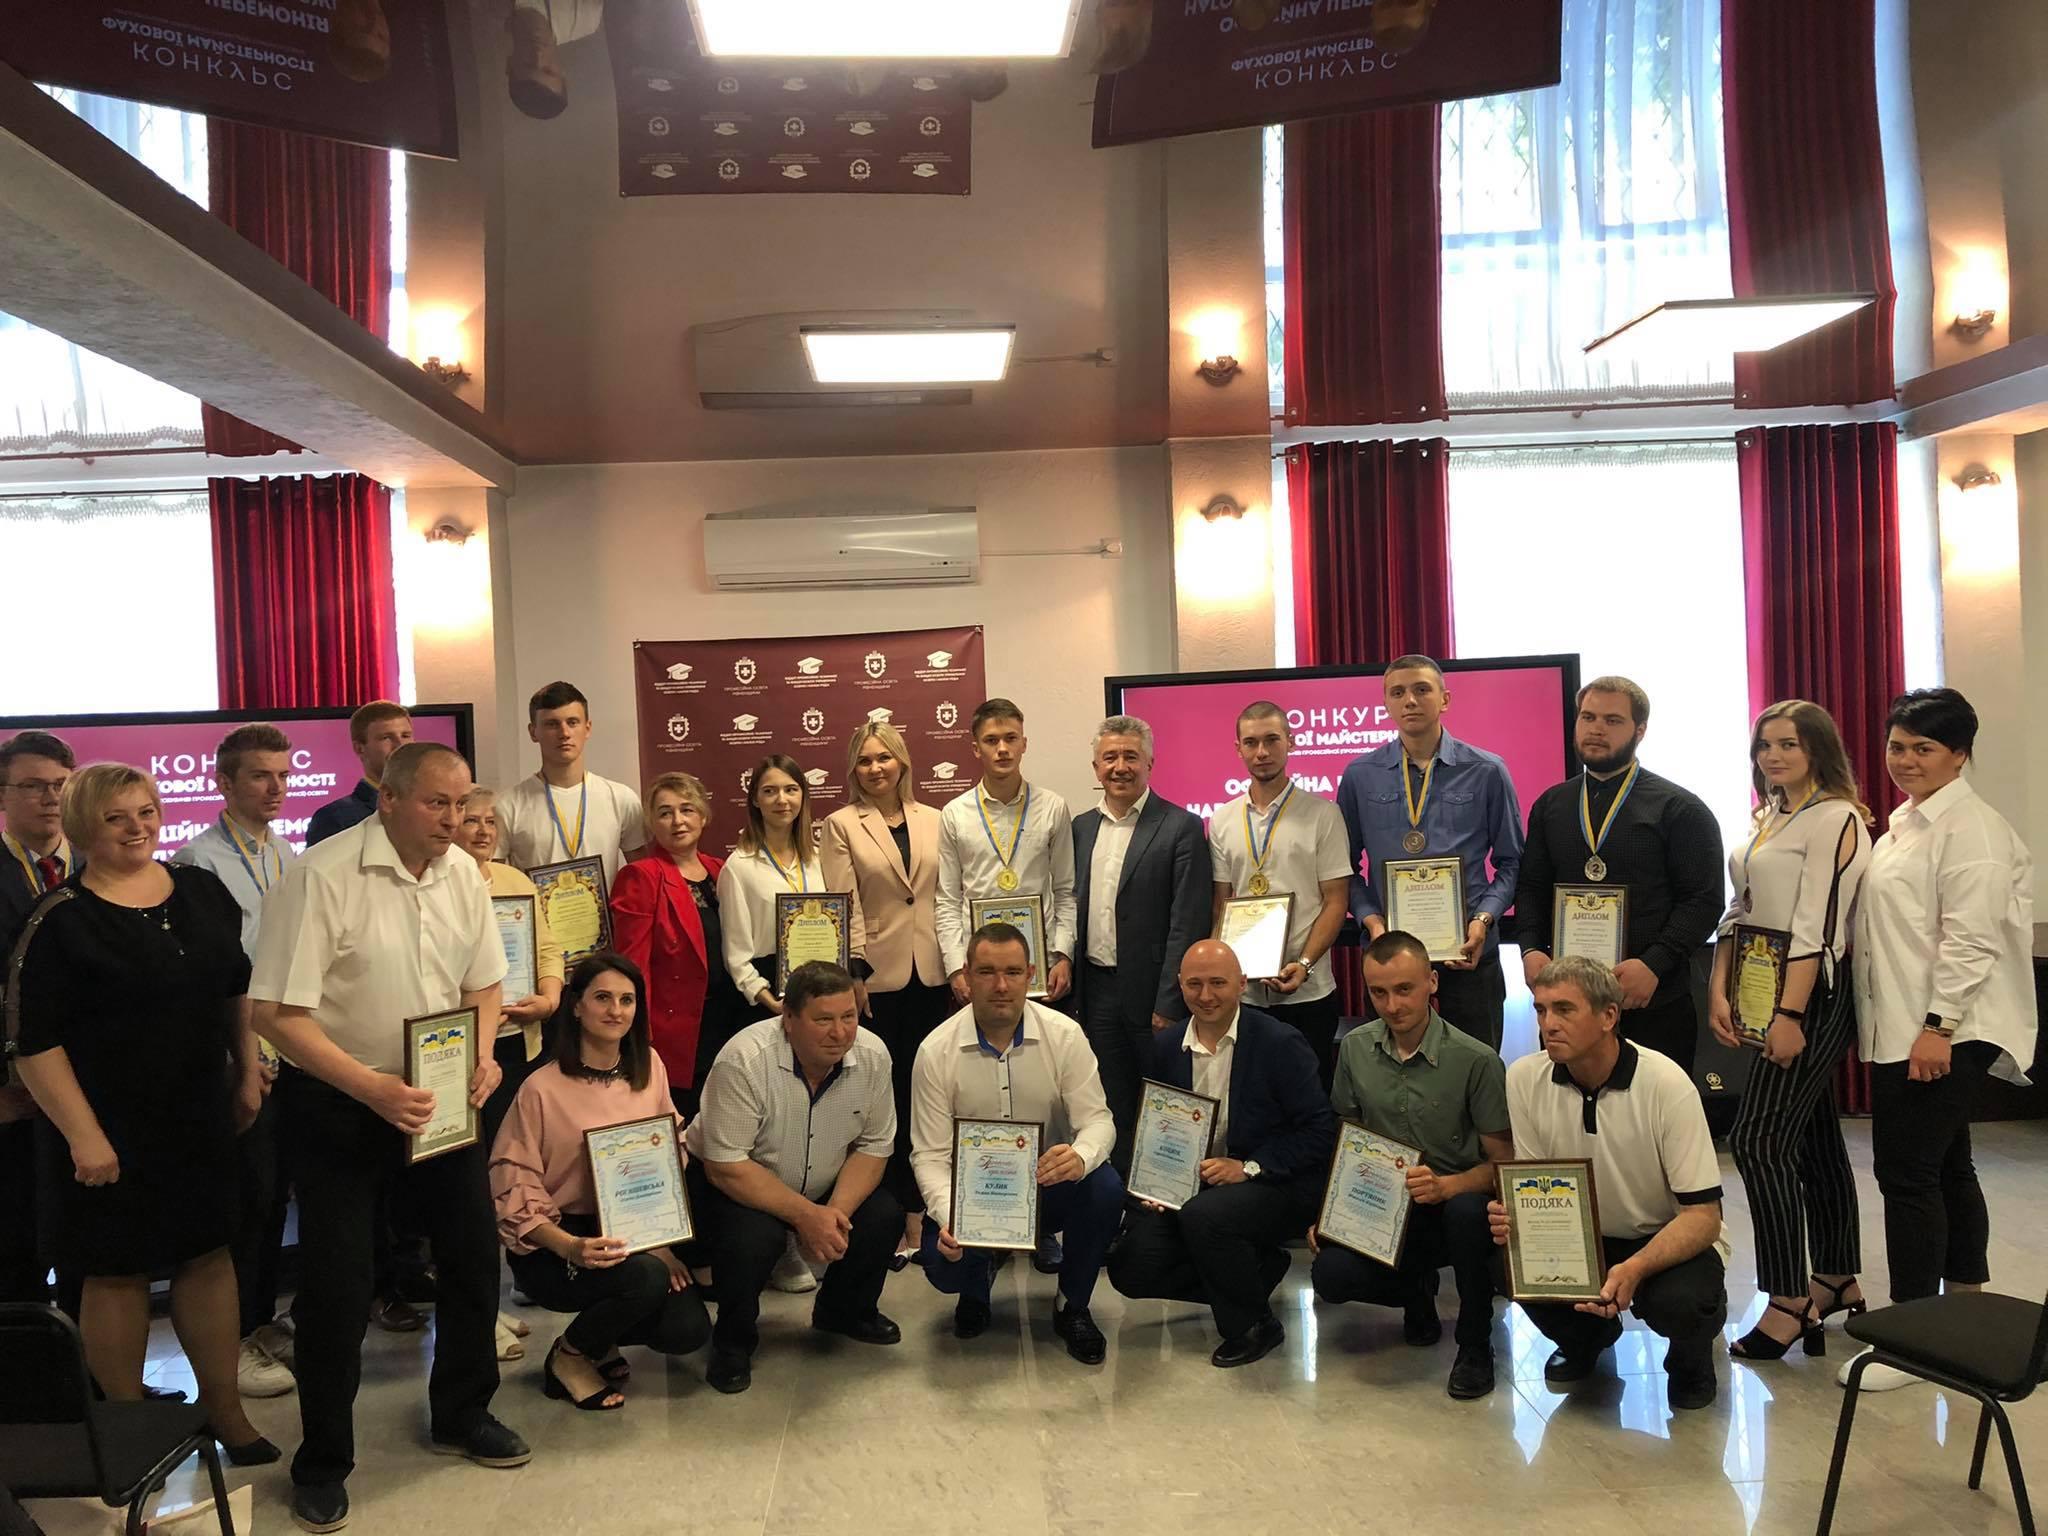 ІІ етап Всеукраїнського конкурсу фахової майстерності відбувся на базі Квасилівського професійного ліцею